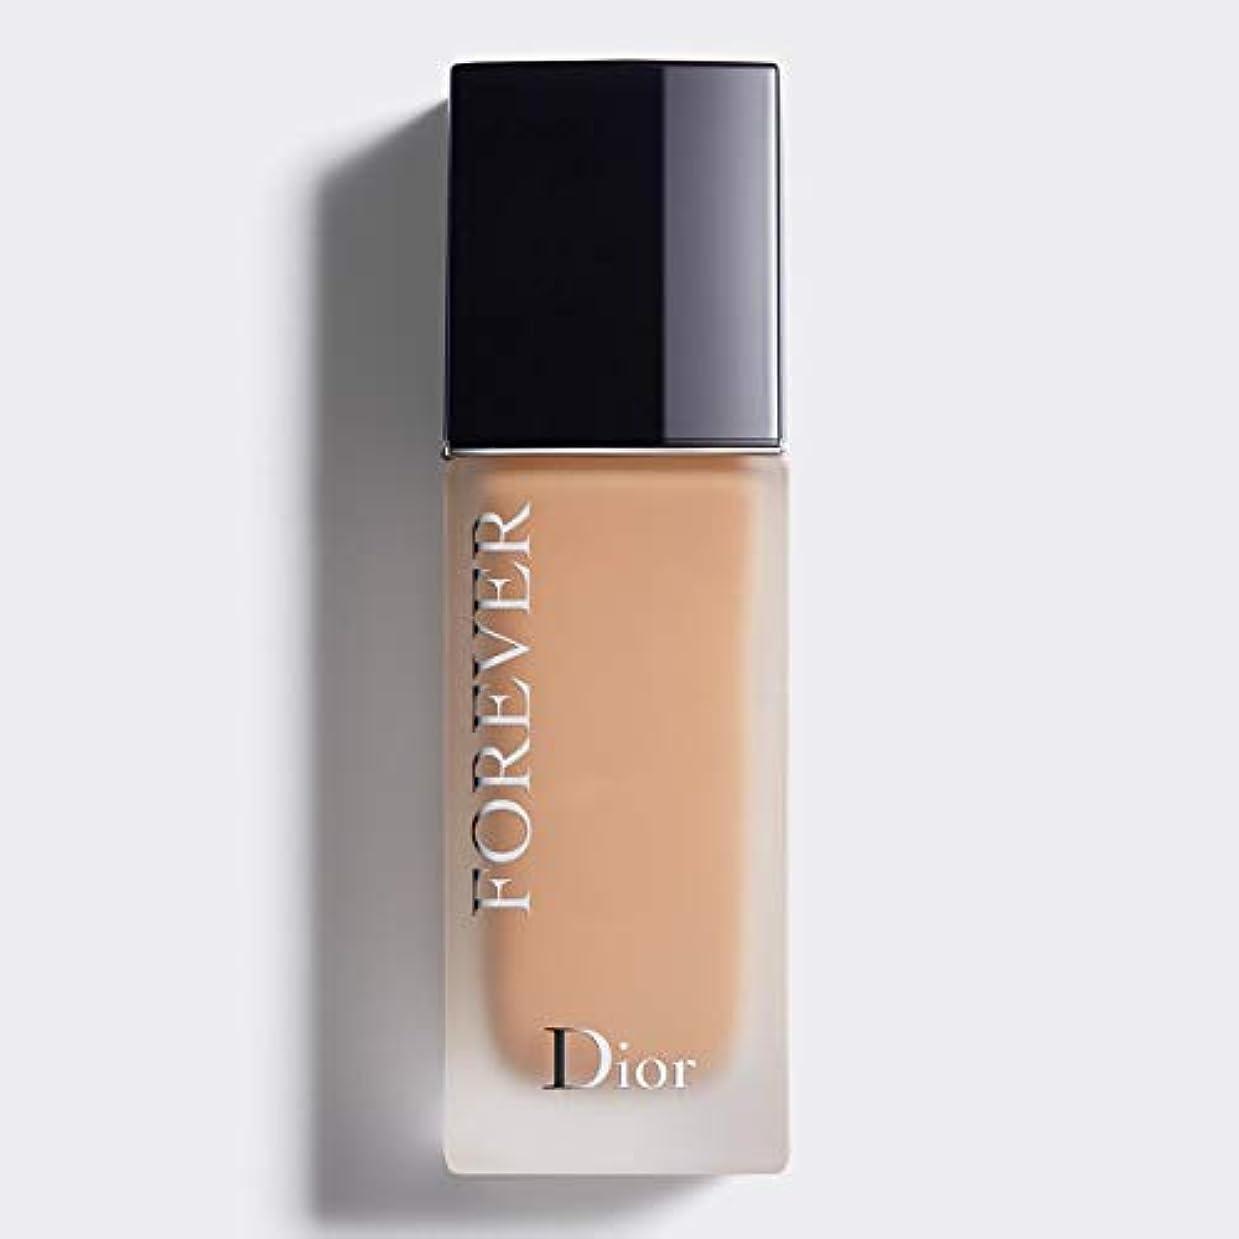 気性リズムアサートクリスチャンディオール Dior Forever 24H Wear High Perfection Foundation SPF 35 - # 3.5N (Neutral) 30ml/1oz並行輸入品